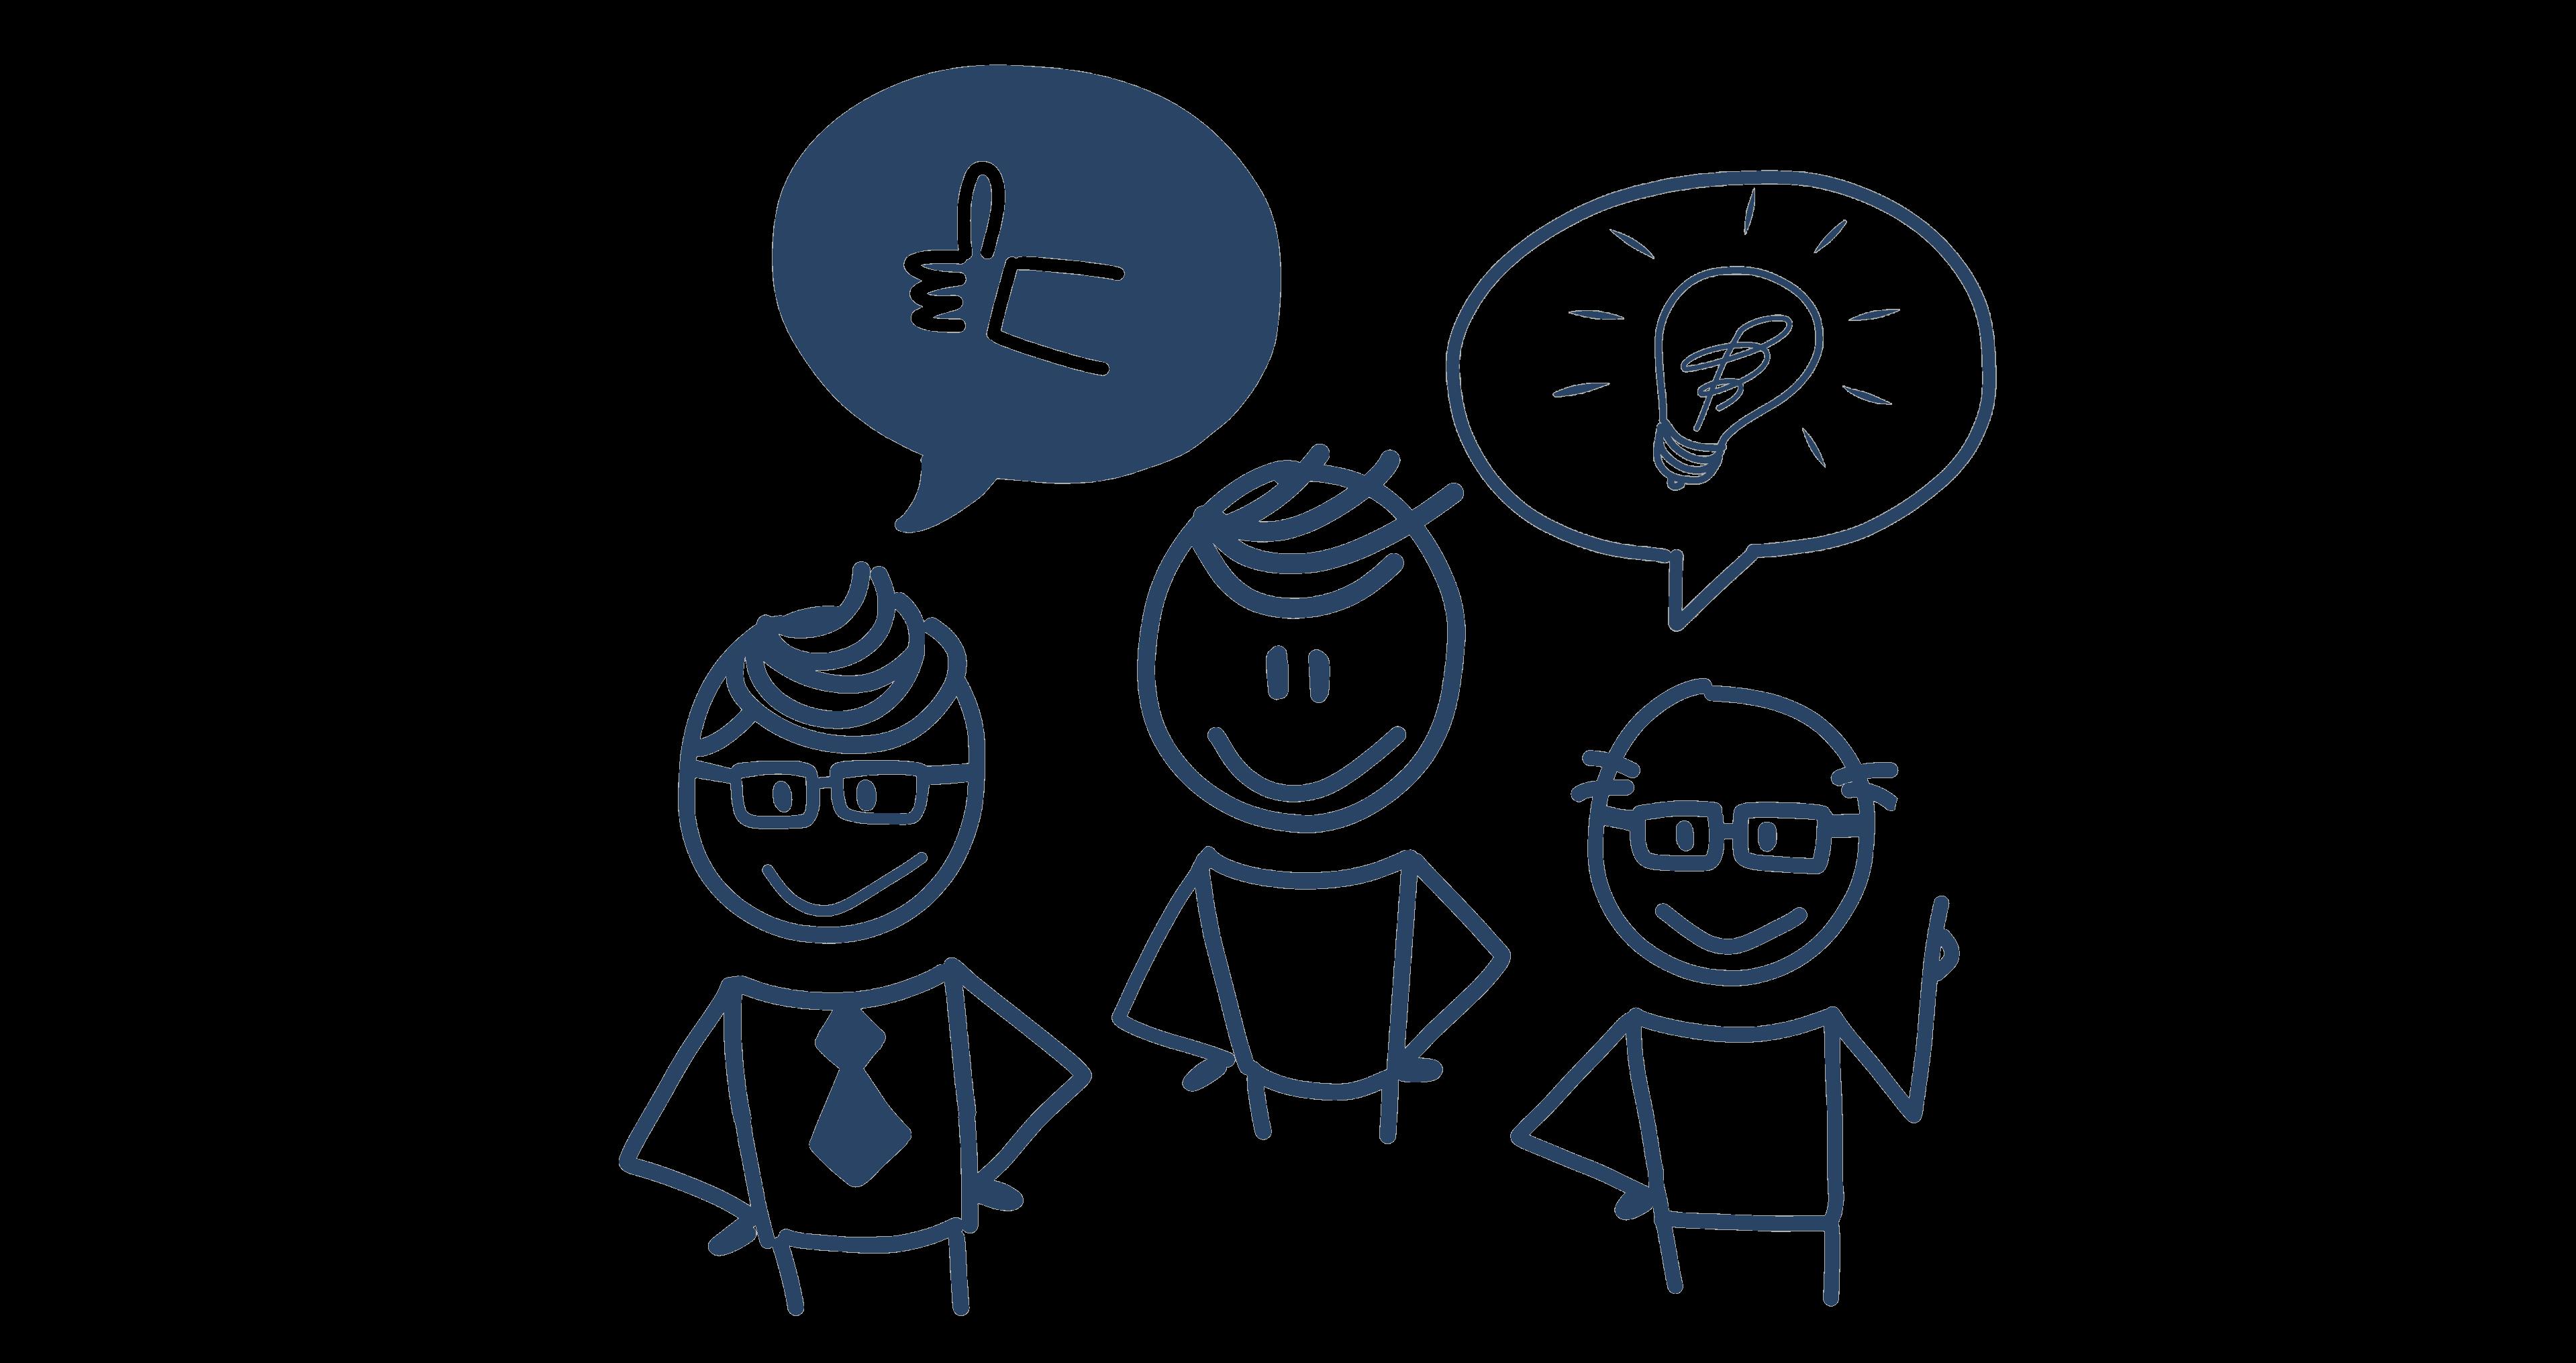 Kuvituskuva, aiheena kommunikointi